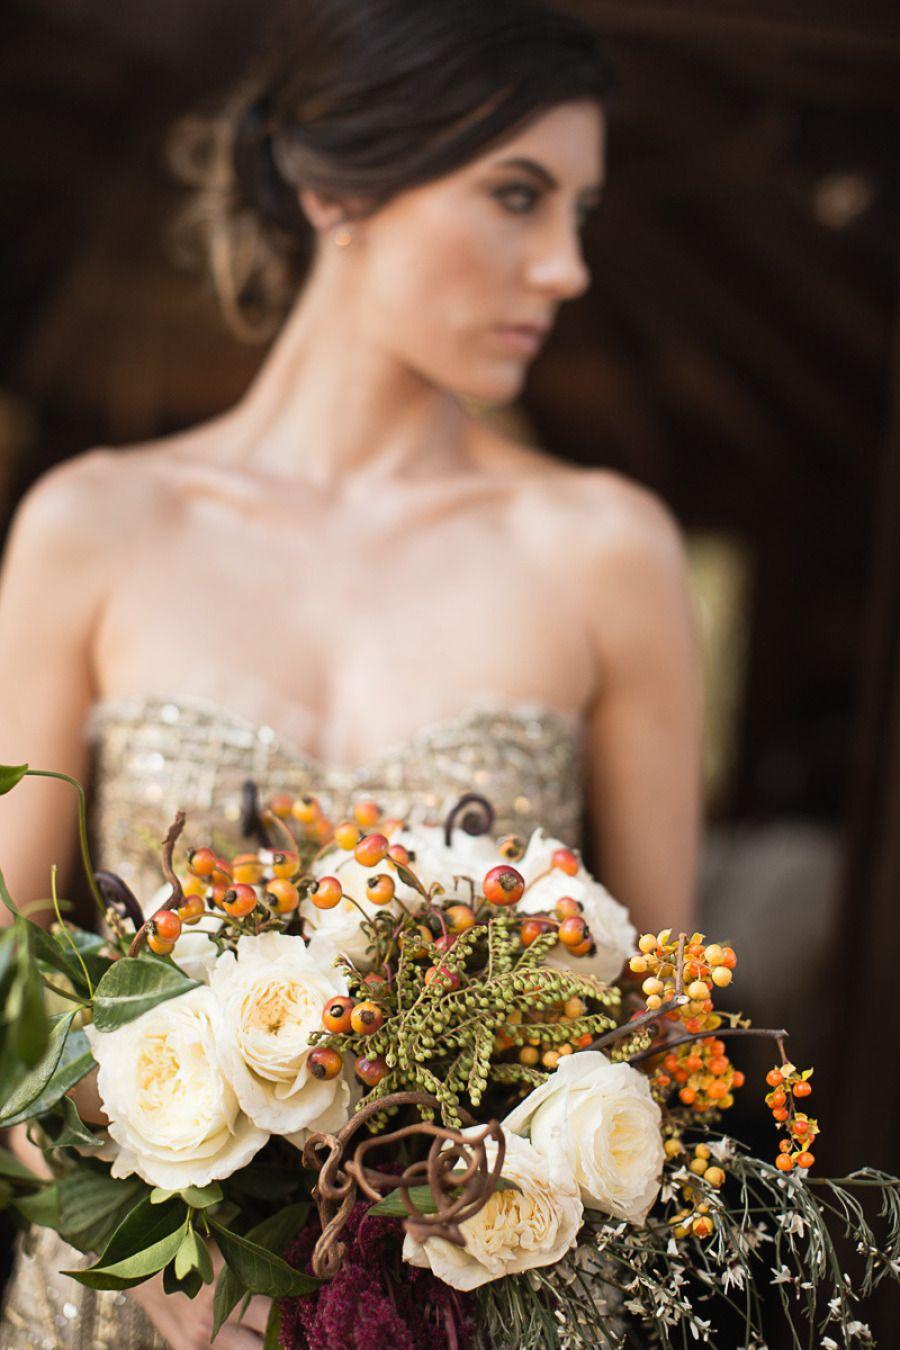 mariage un joli bouquet de mari e d 39 automne weddings pinterest bouquet mari e bouquet. Black Bedroom Furniture Sets. Home Design Ideas